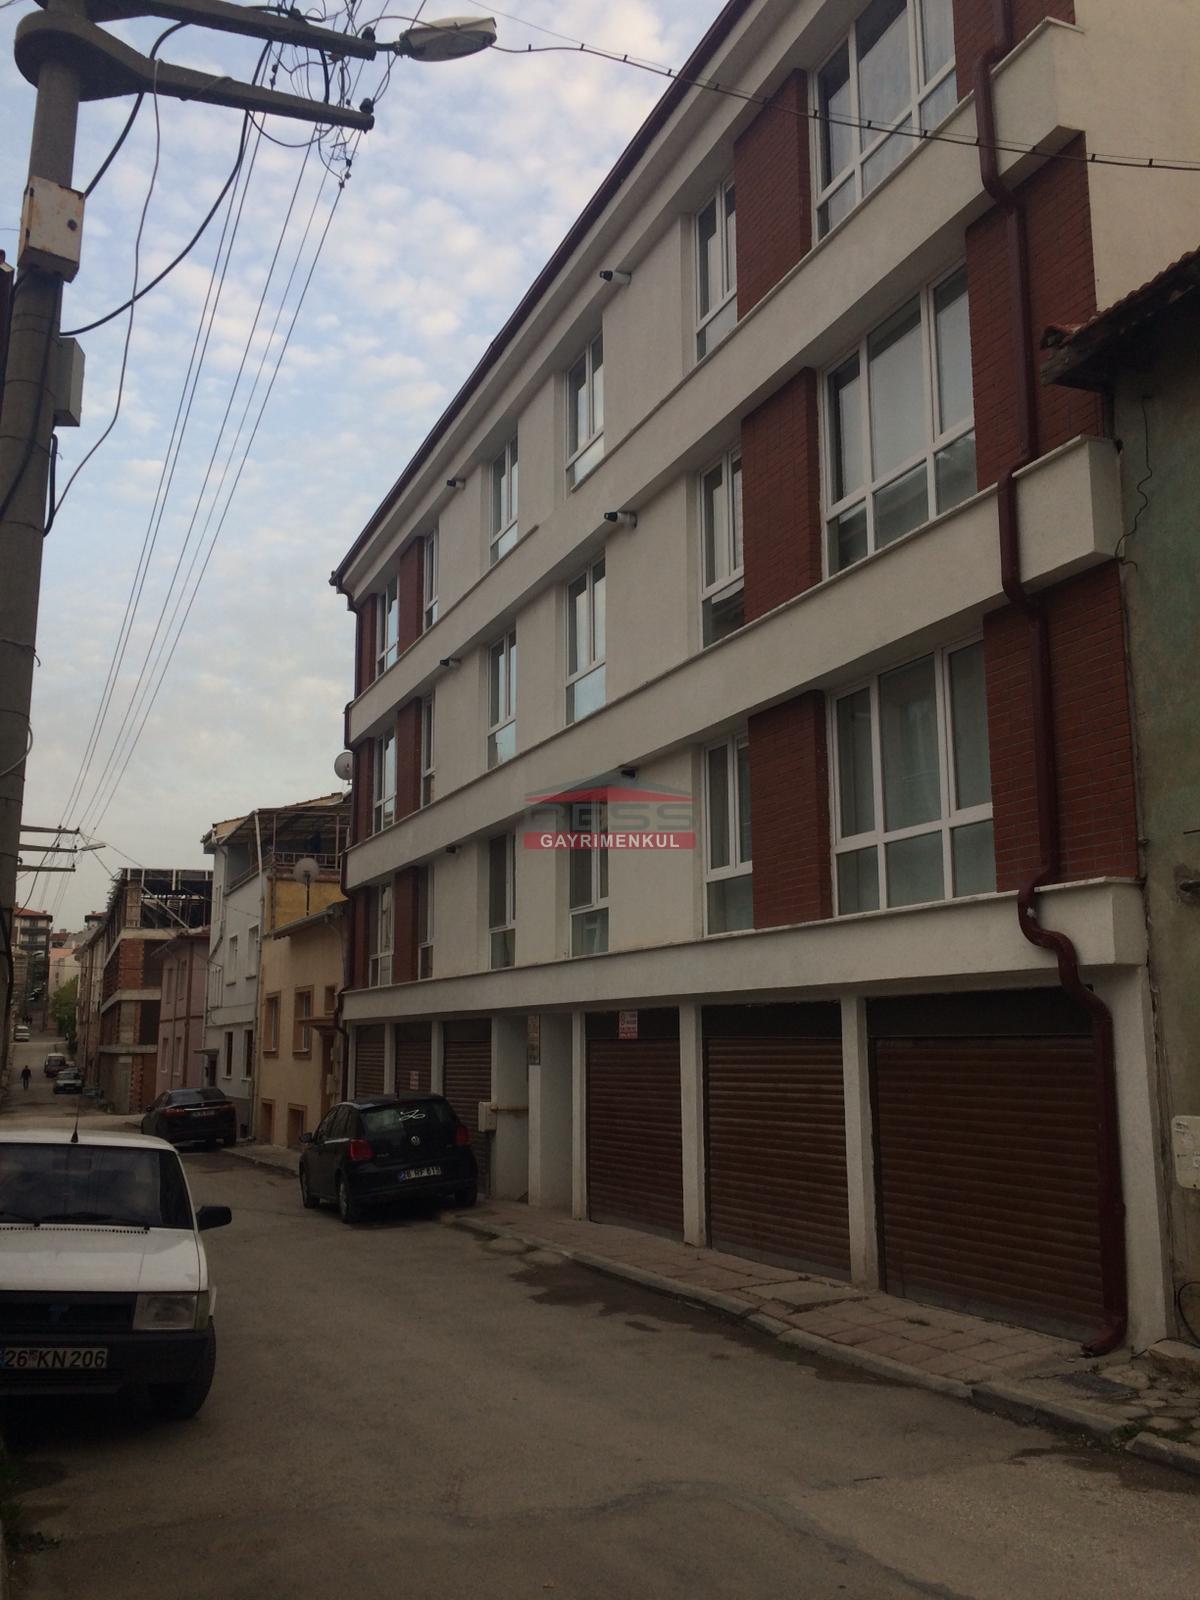 Bess   BESS GAYRİMENKUL'DEN ŞİRİNTEPEDE SATILIK 3+1 DAİRE